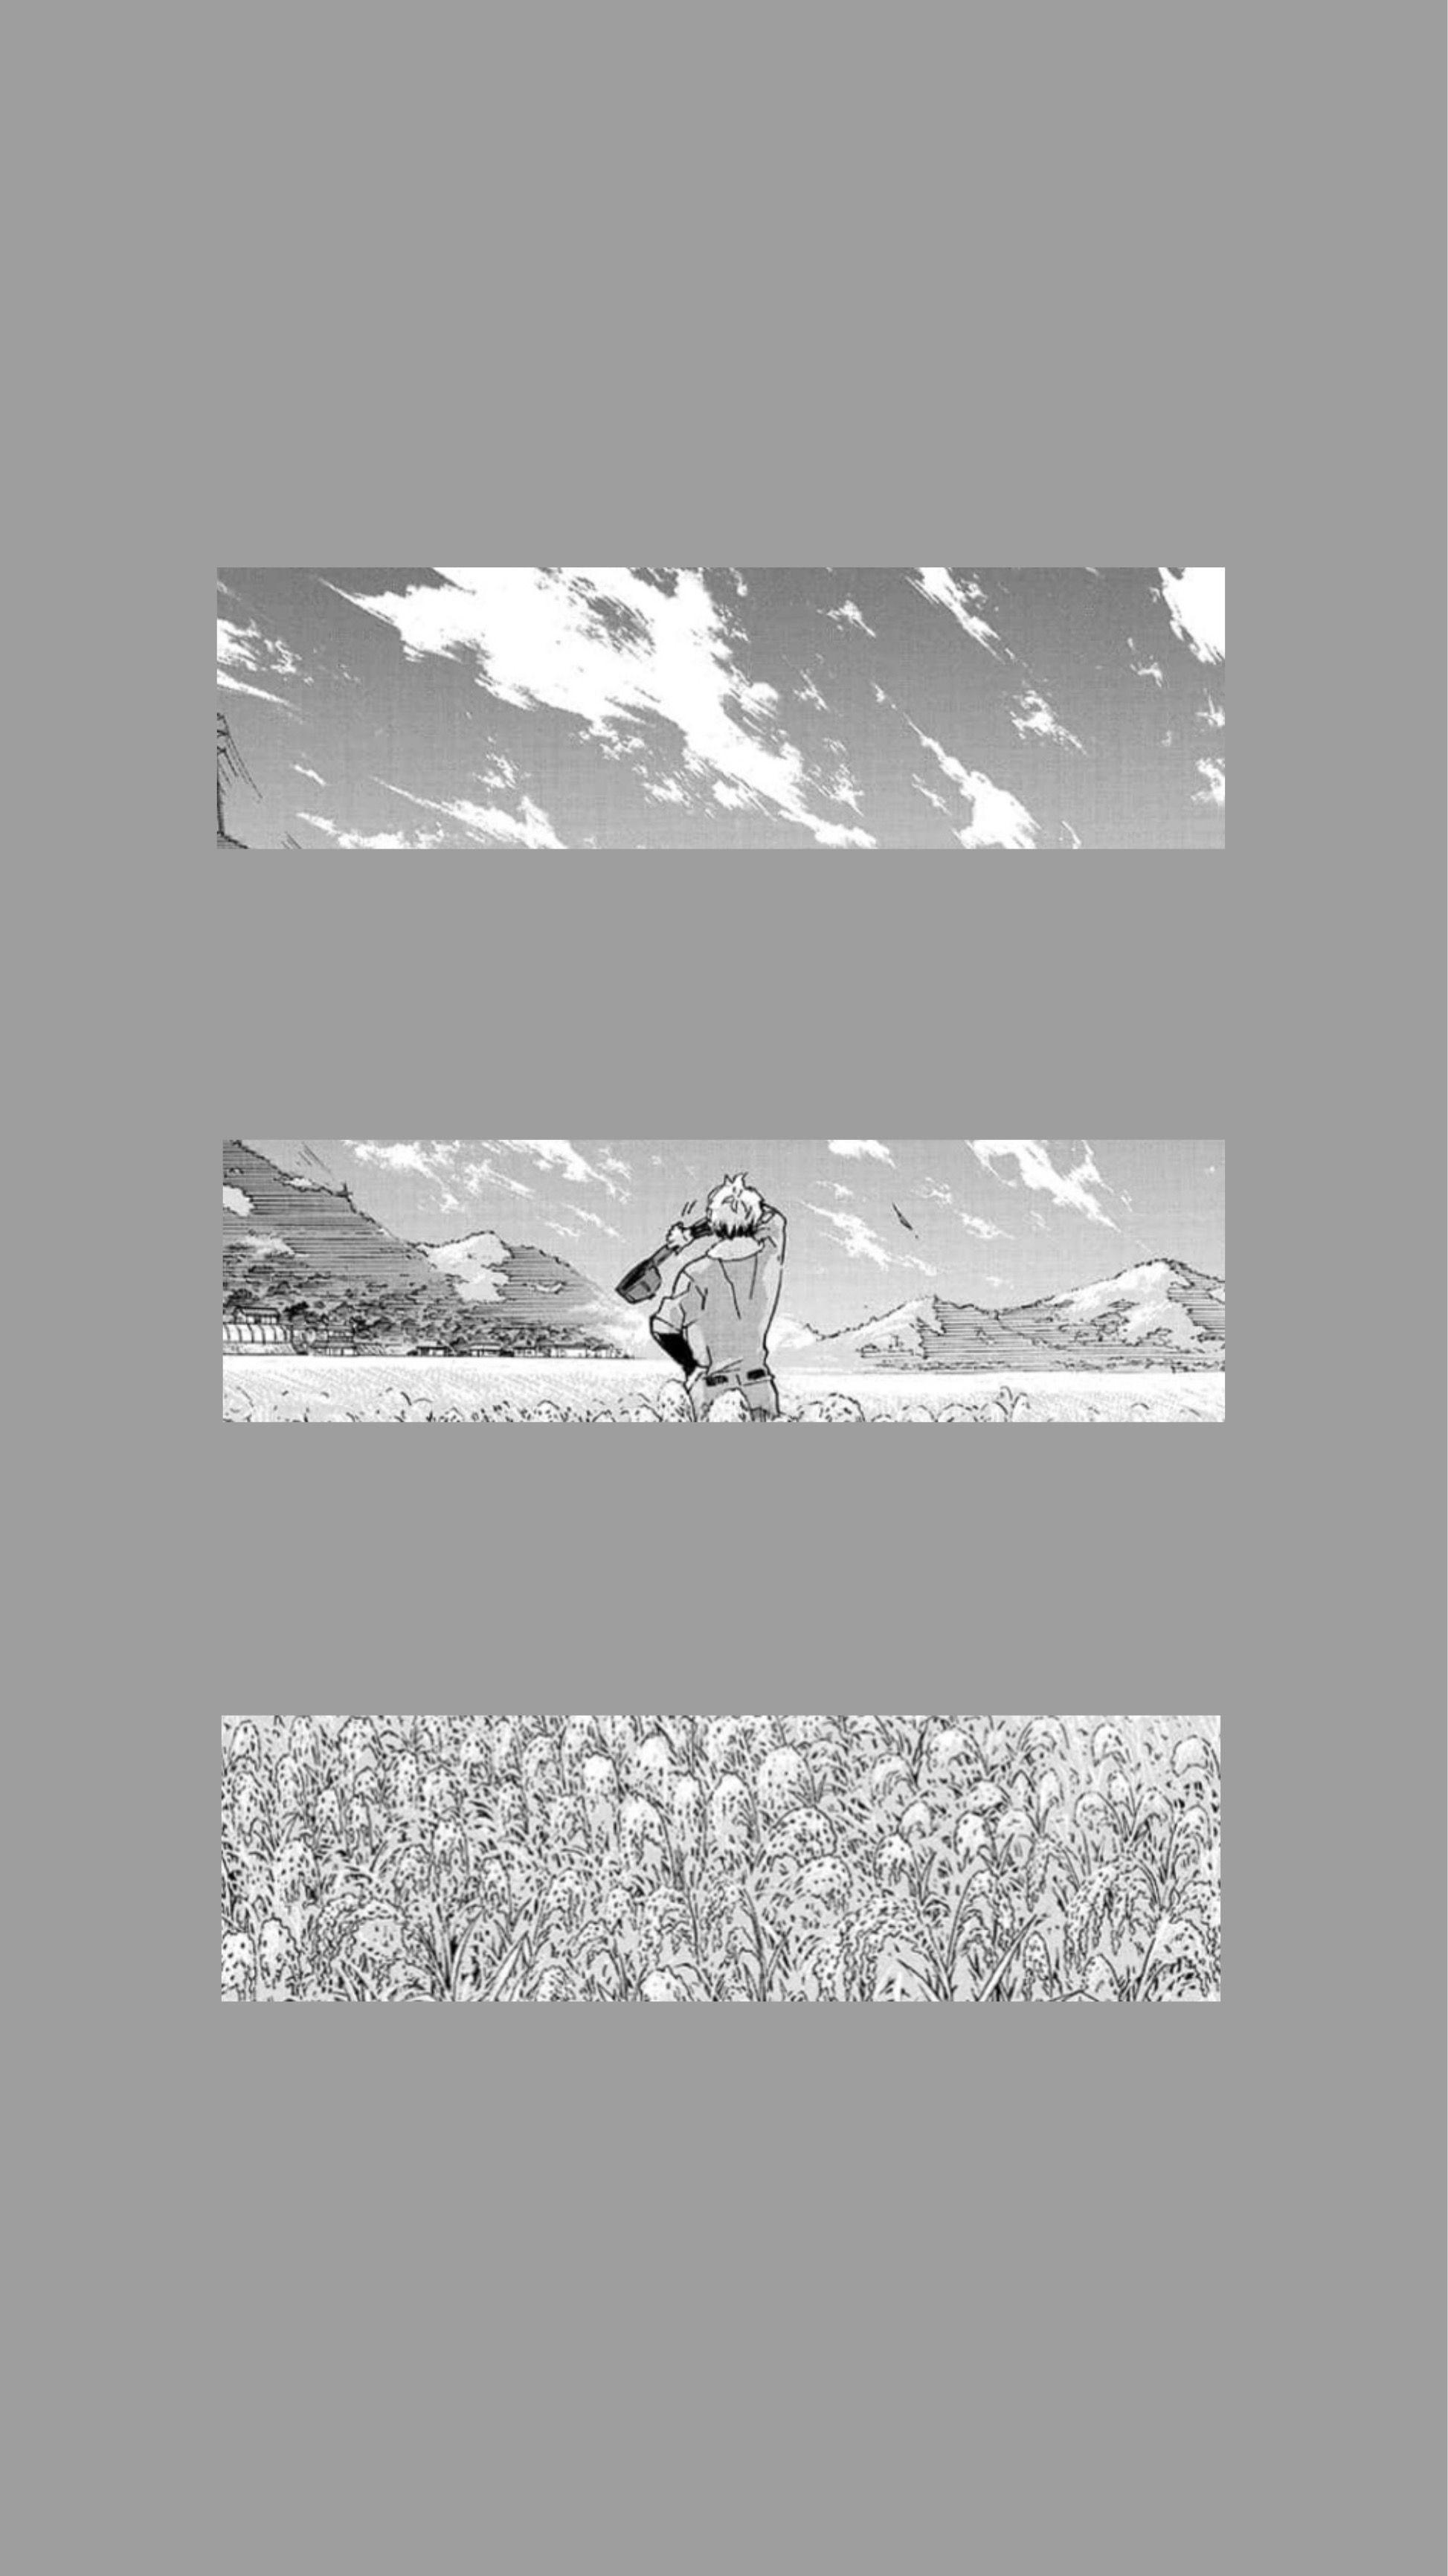 Kita Shinsuke Seni Anime Seni Manga Seni